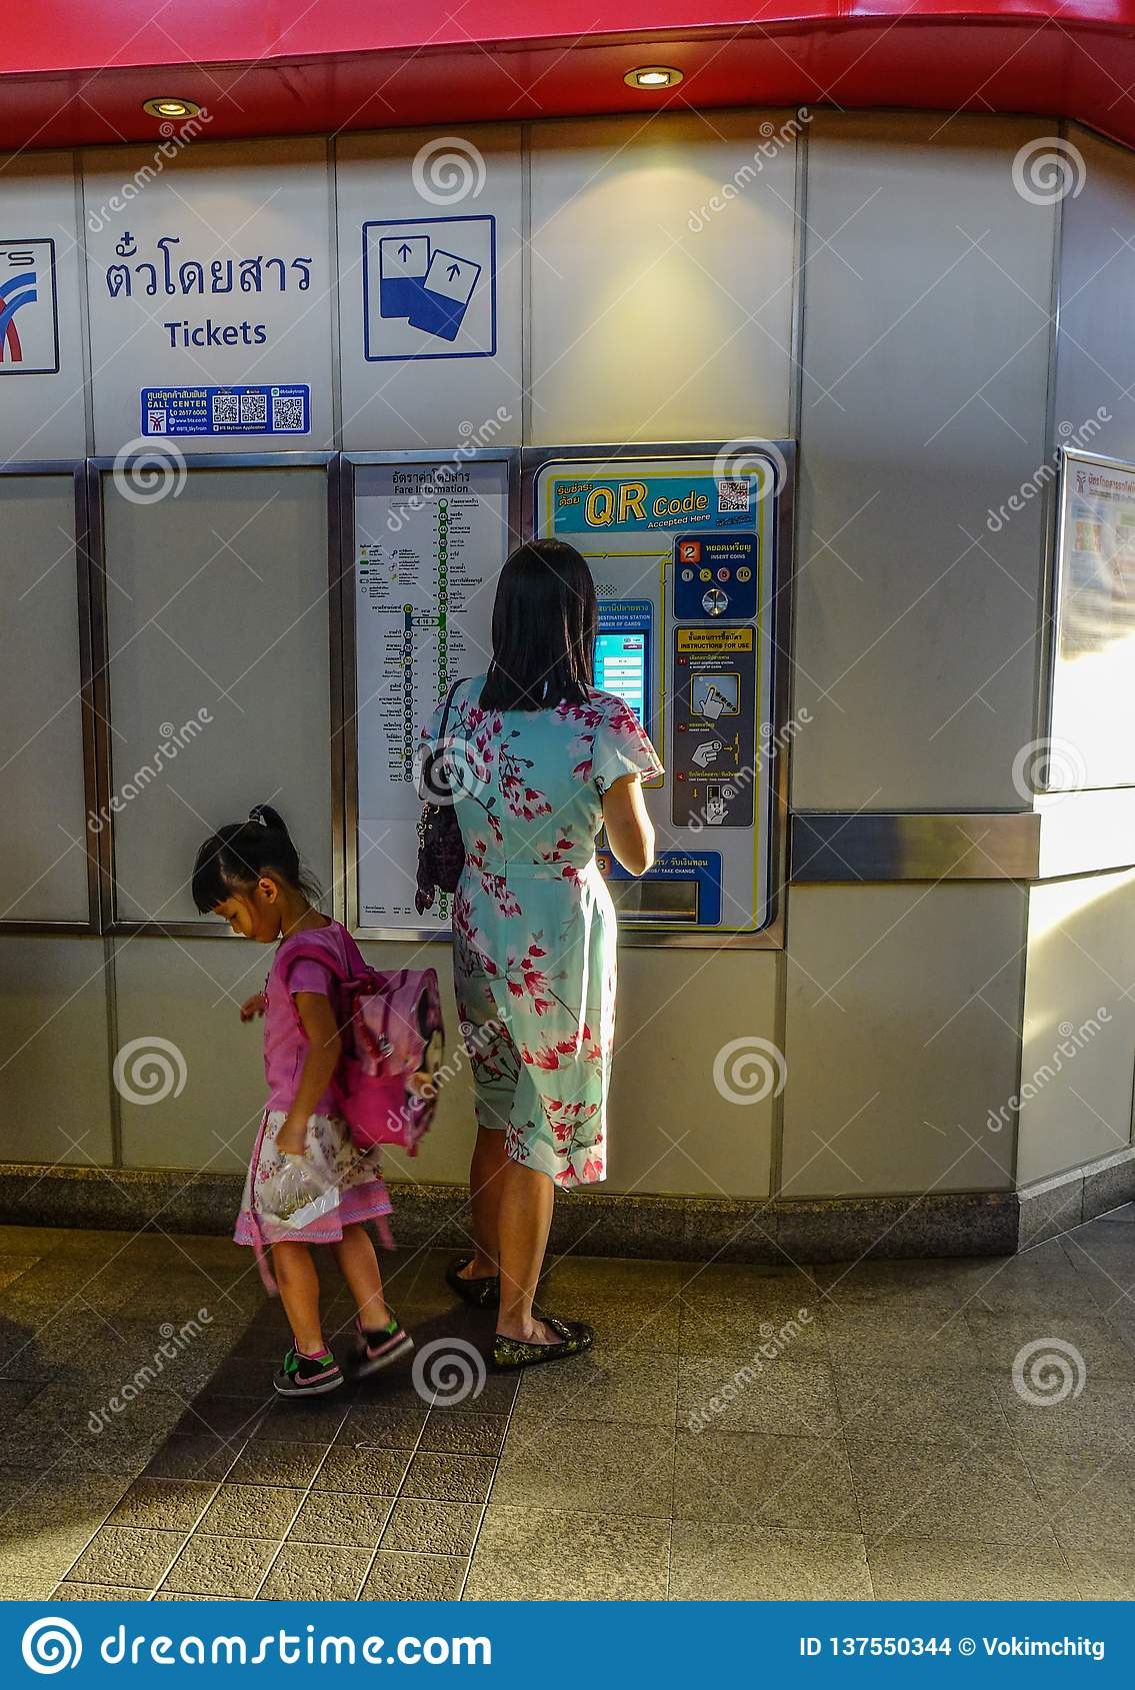 Boleto de tren de compra de la gente para el transporte público